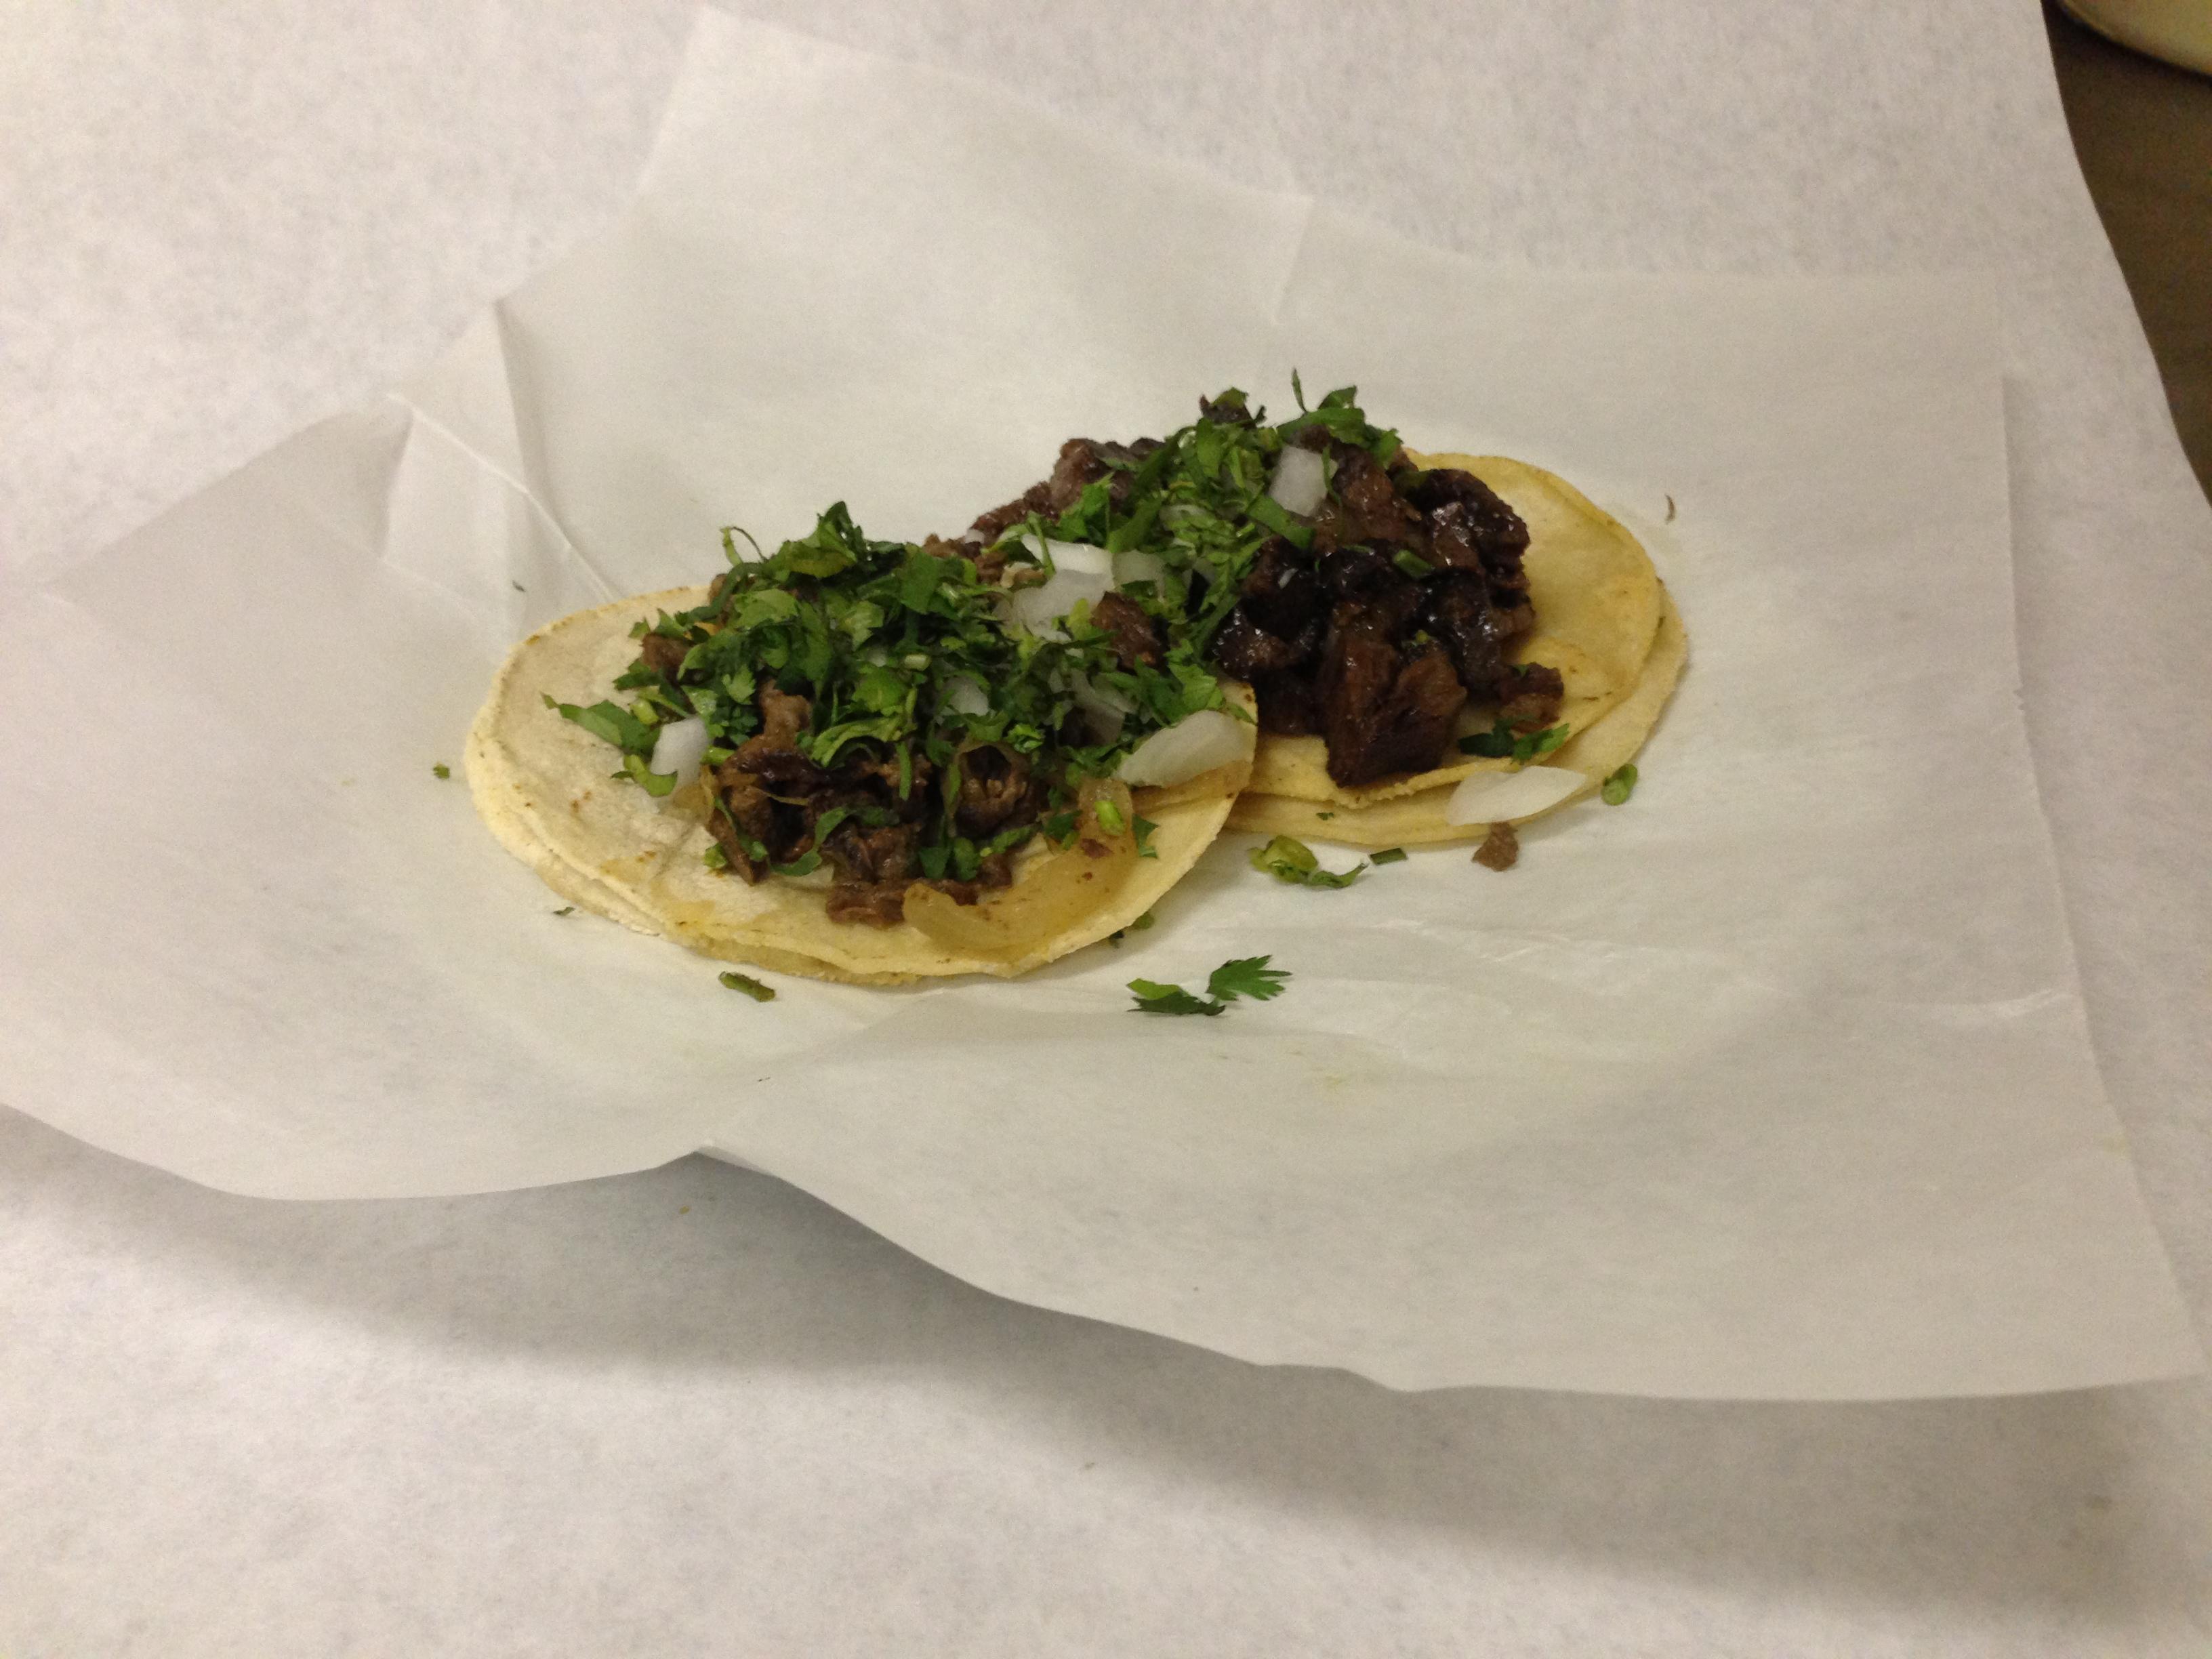 Tortilleria La Mexicana #5, Haines City FL